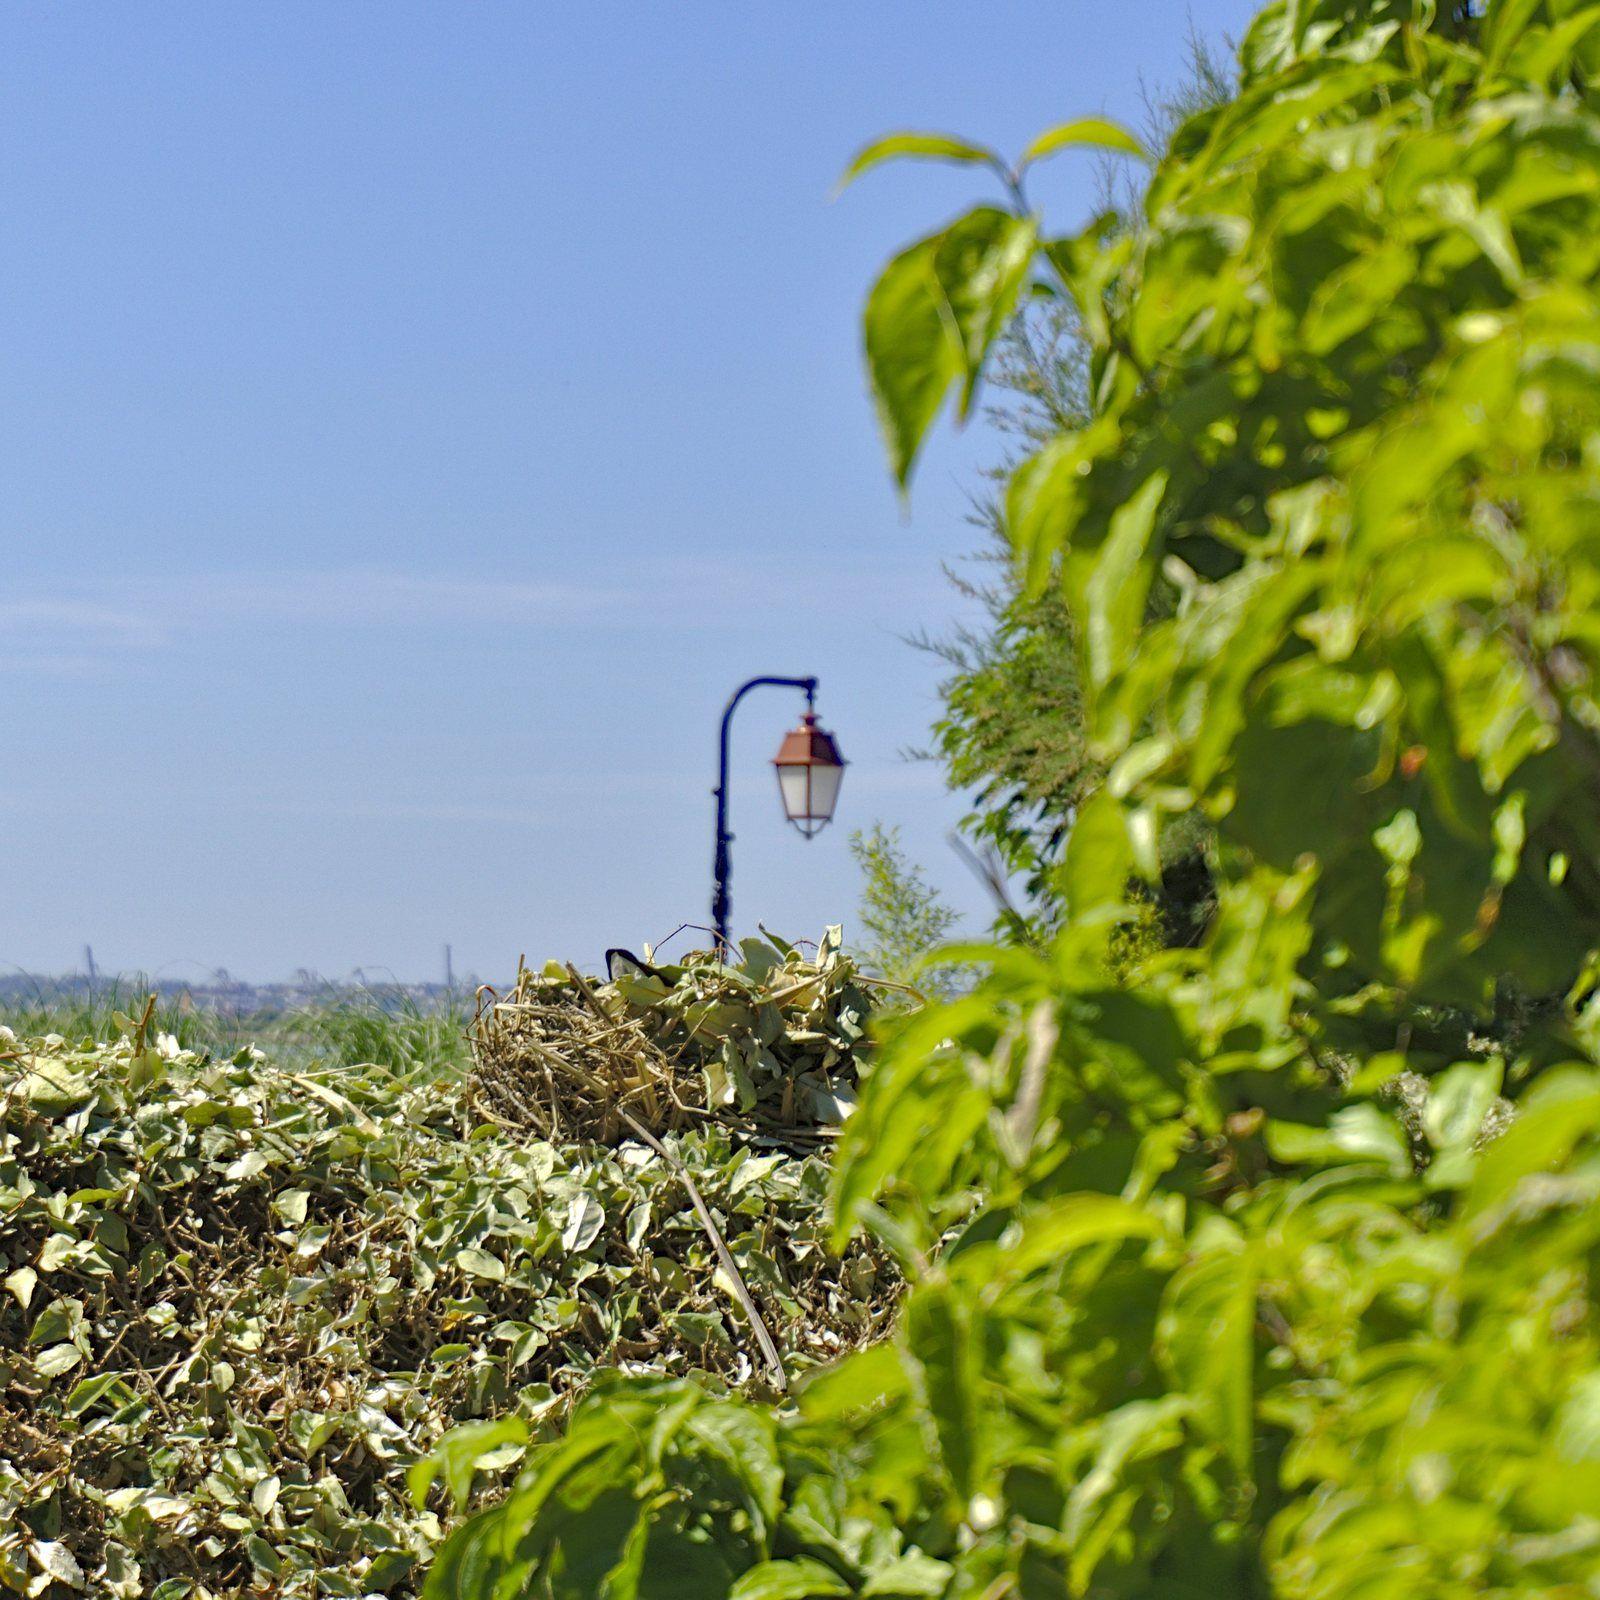 Défi photo 30 jours - Jour 11 : Nid  Au jardin des personnalités à Honfleur, perché sur une haie, voici le nid d'une foulque macroule, petit échassier souvent confondu avec la poule d'eau.